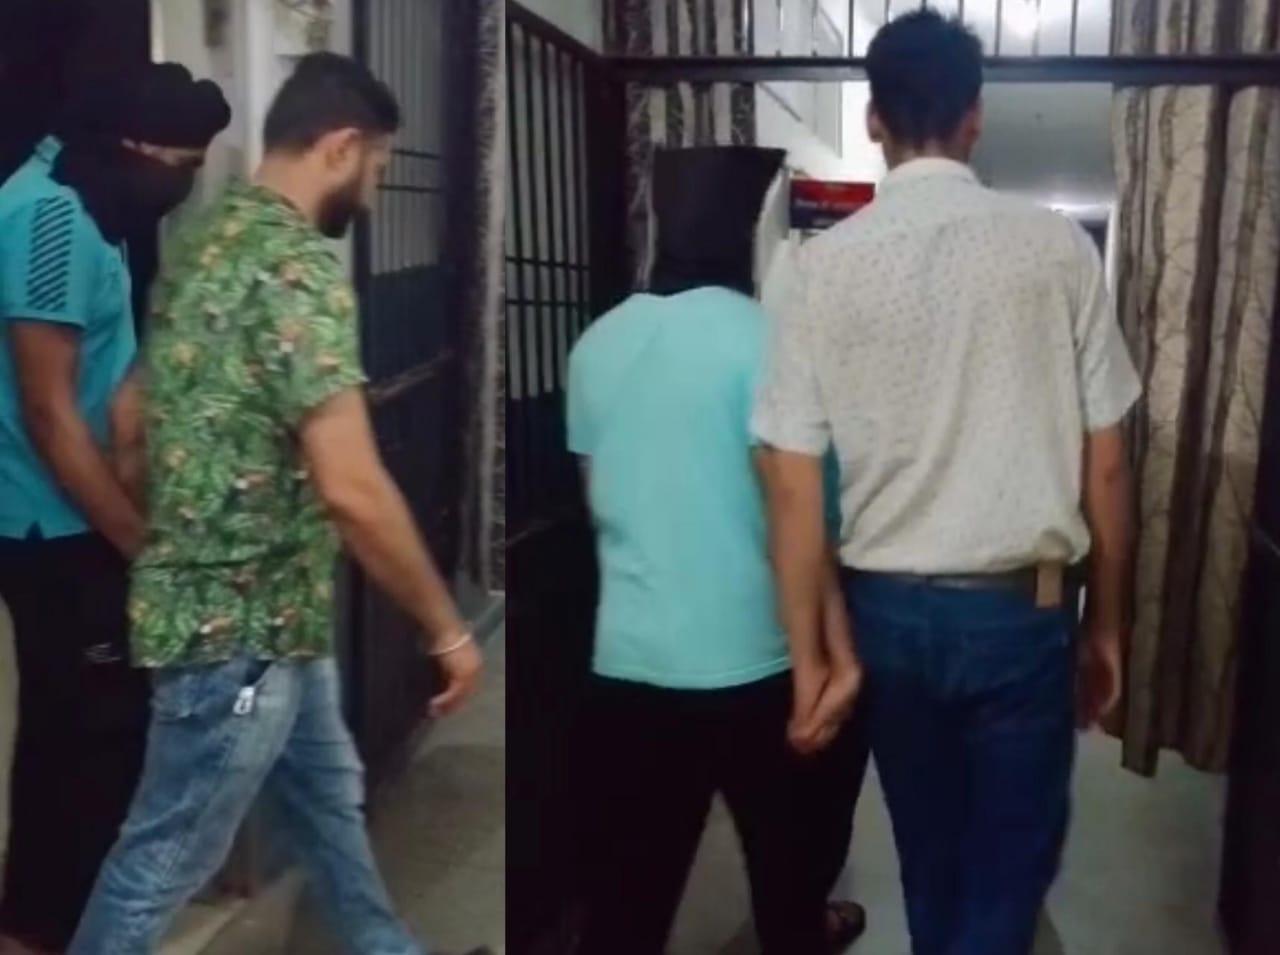 4 महीने में नेशनल सिक्योरिटी व डिफेंस से जुड़े 900 दस्तावेज सीमा पार भेजे, ड्रग स्मगलर से पूछताछ के बाद पकड़े गए, आर्मी ने जालंधर पुलिस को सौंपे जालंधर,Jalandhar - Dainik Bhaskar